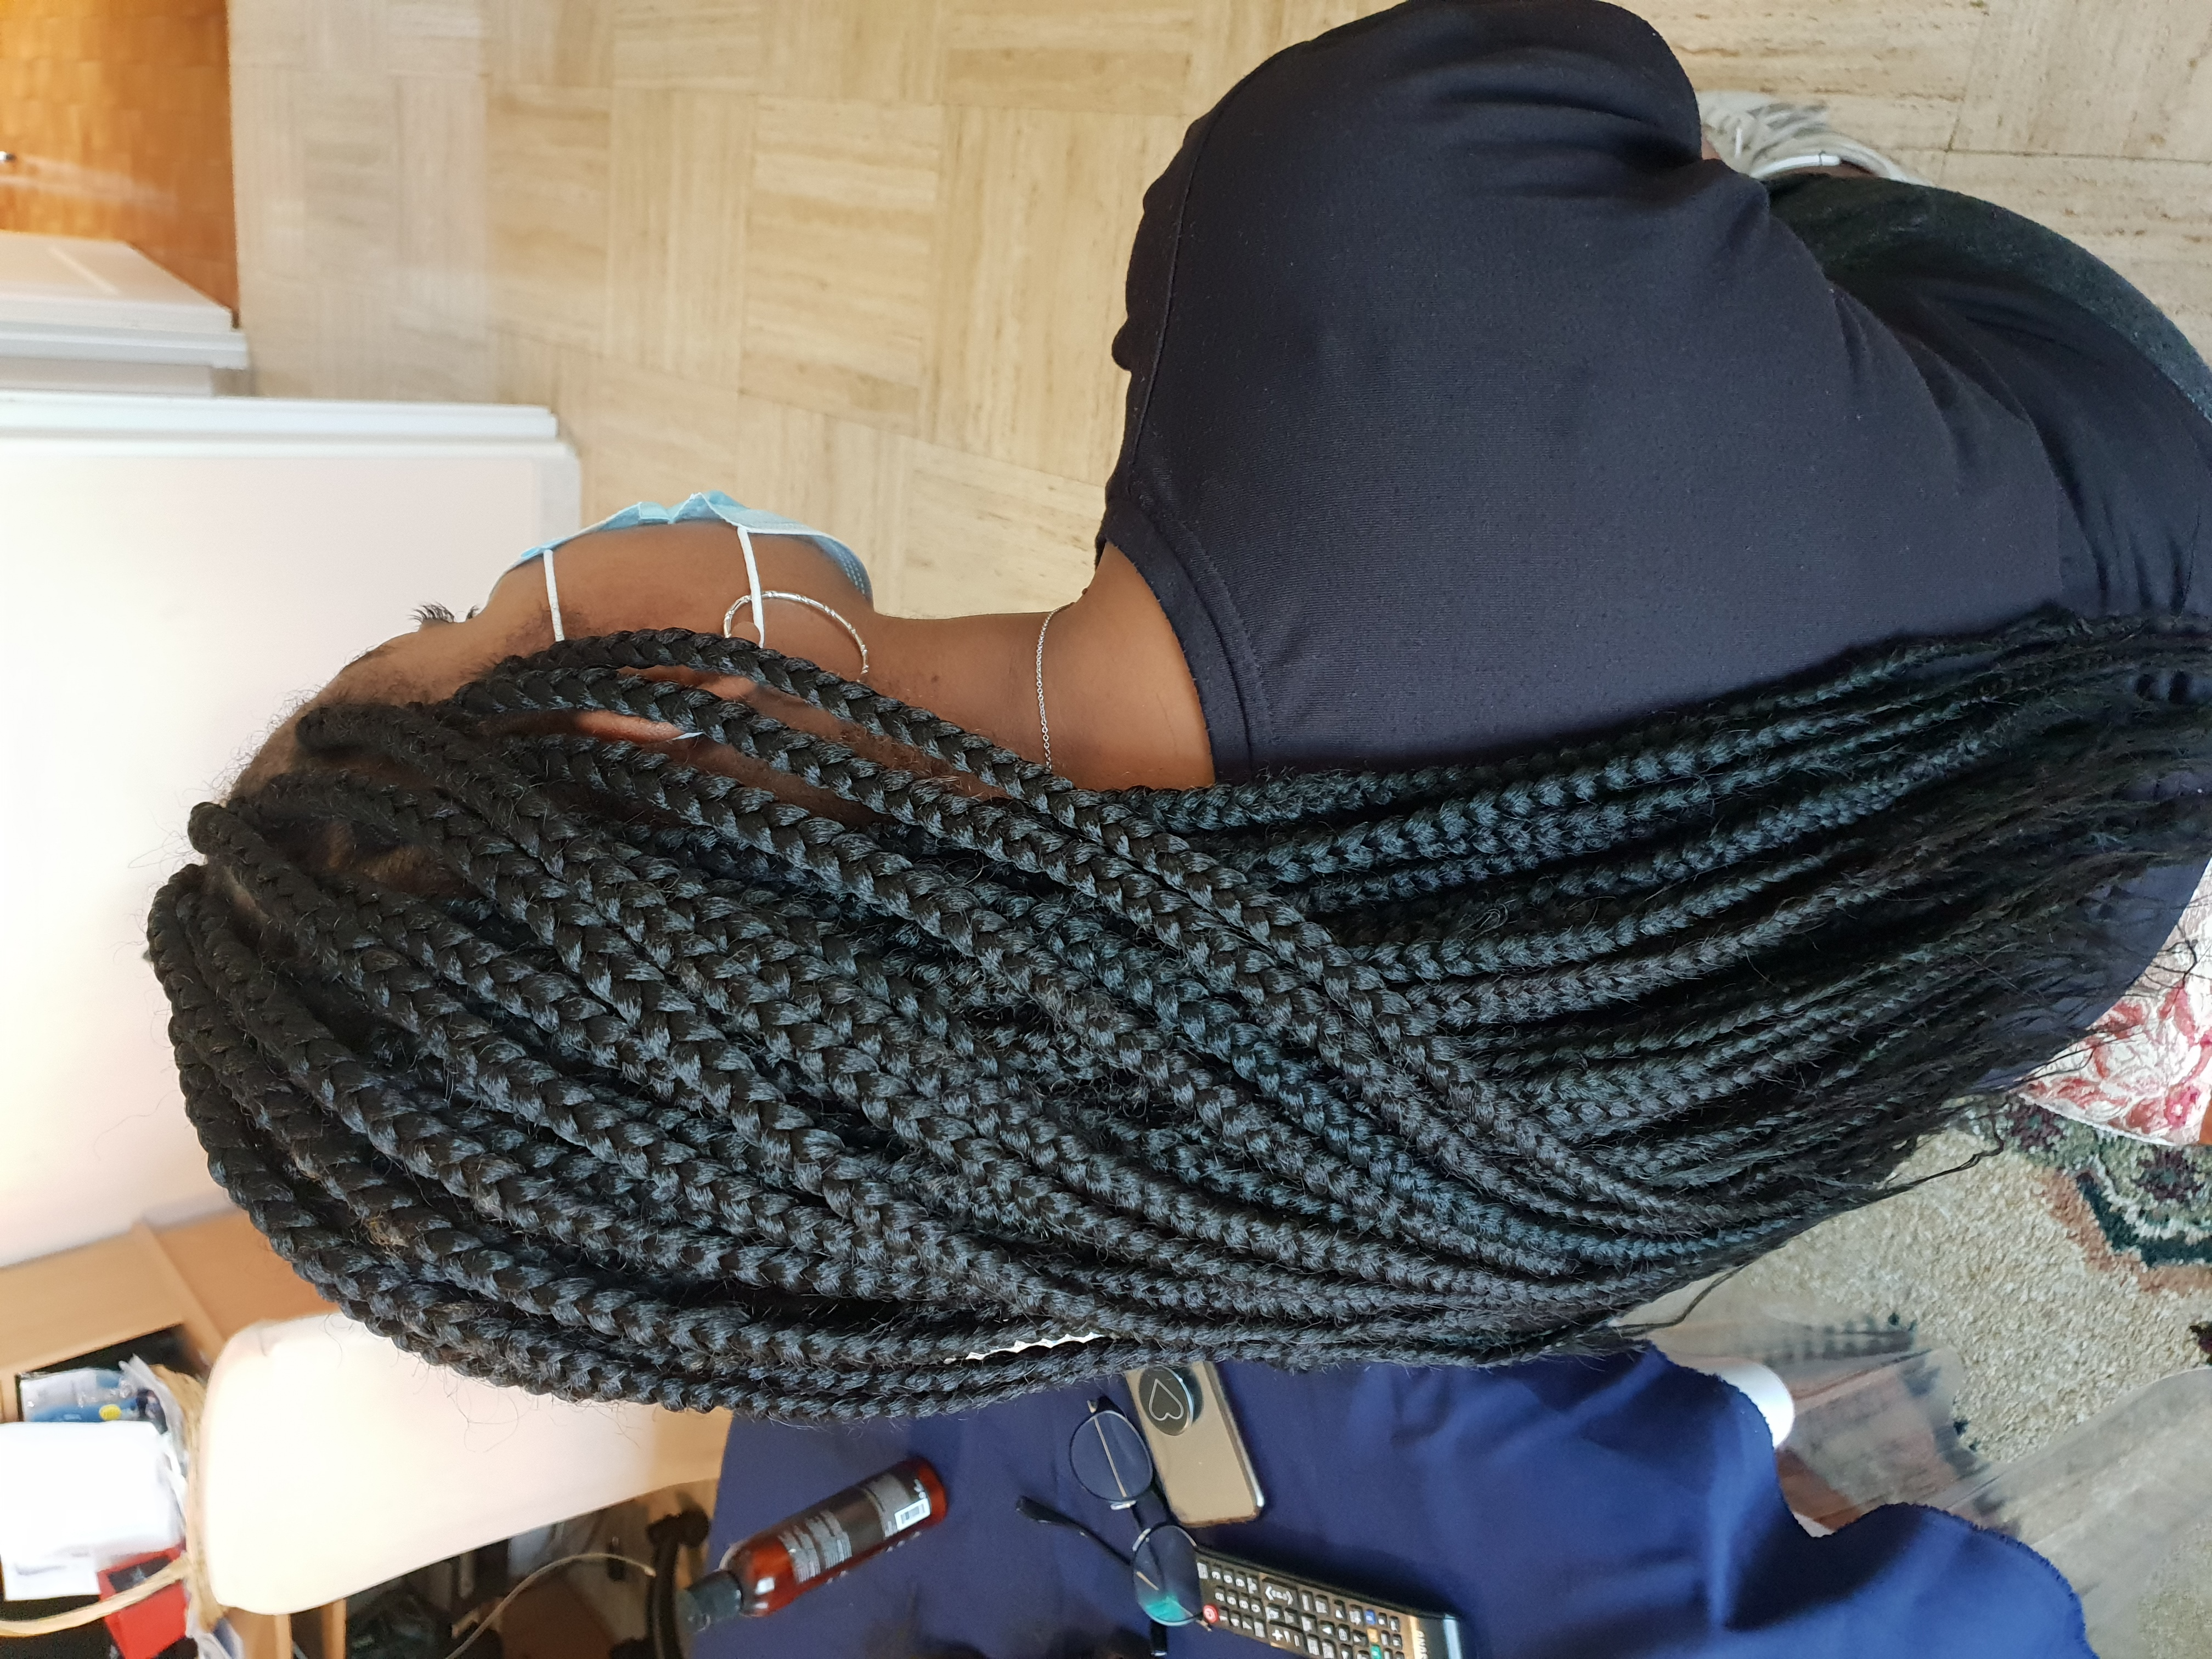 salon de coiffure afro tresse tresses box braids crochet braids vanilles tissages paris 75 77 78 91 92 93 94 95 PCDLJABB